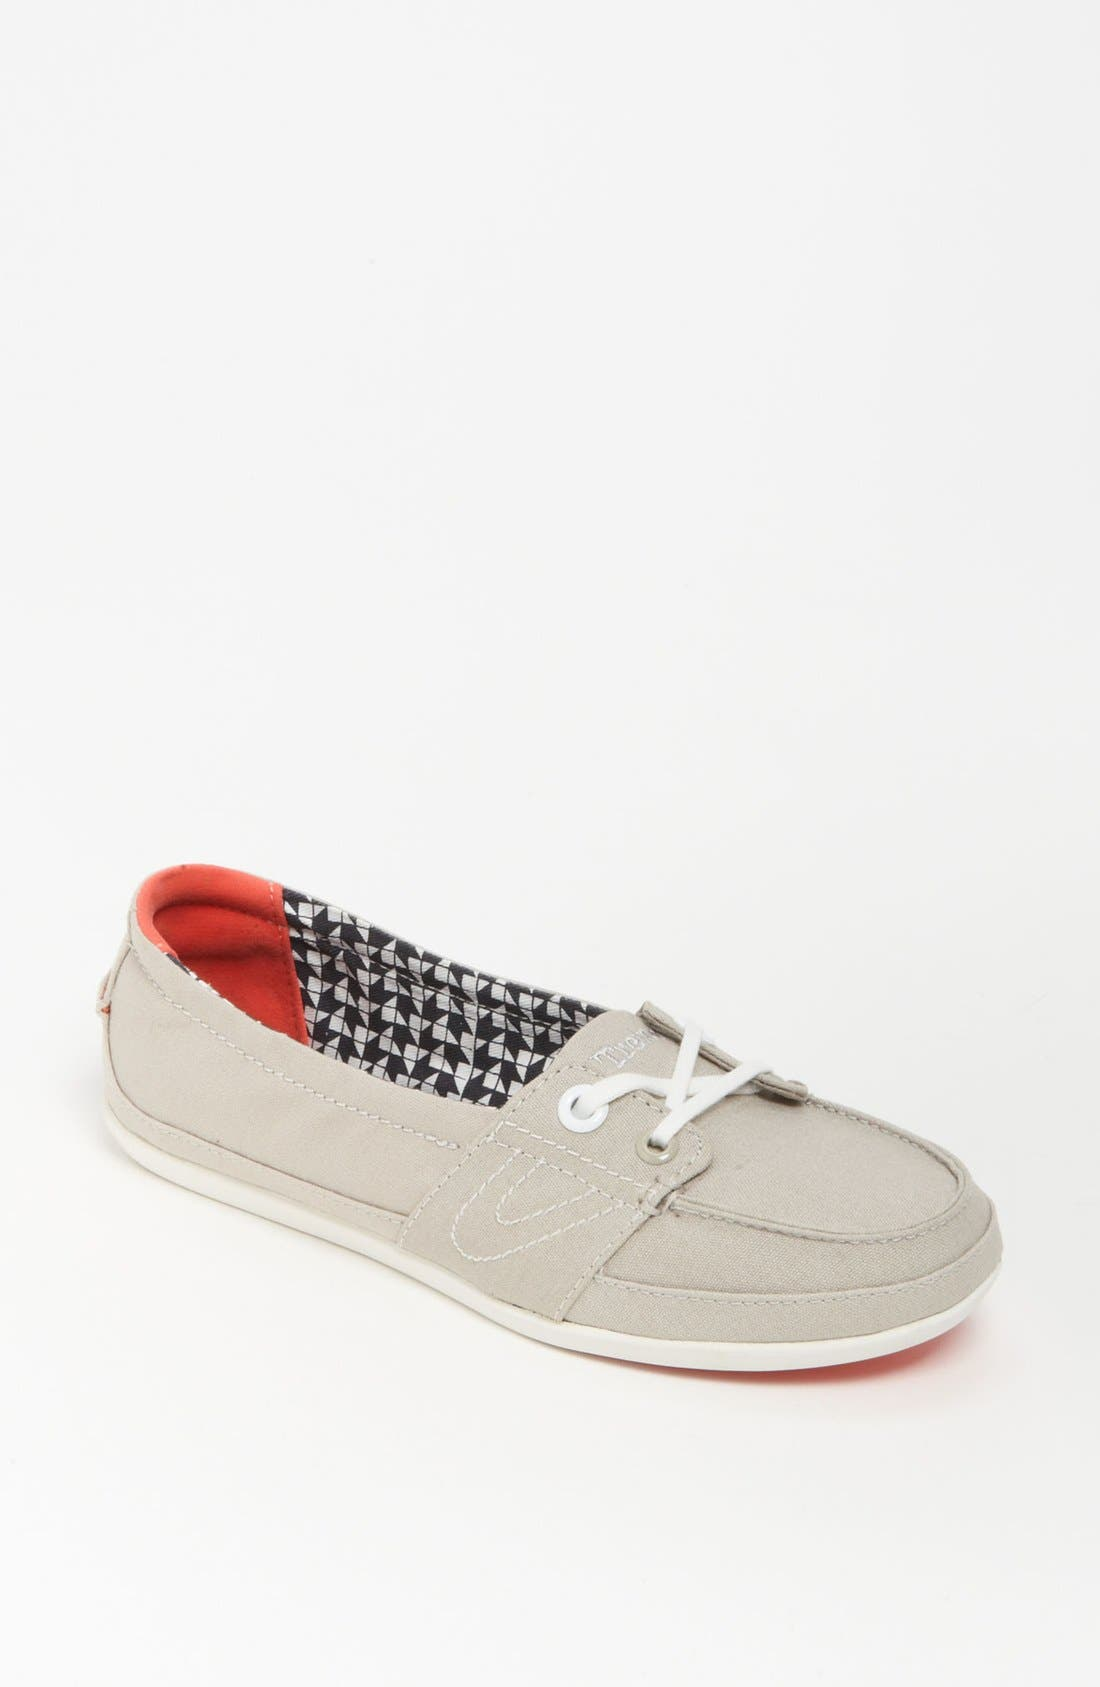 Alternate Image 1 Selected - Tretorn 'Signe' Sneaker (Women)